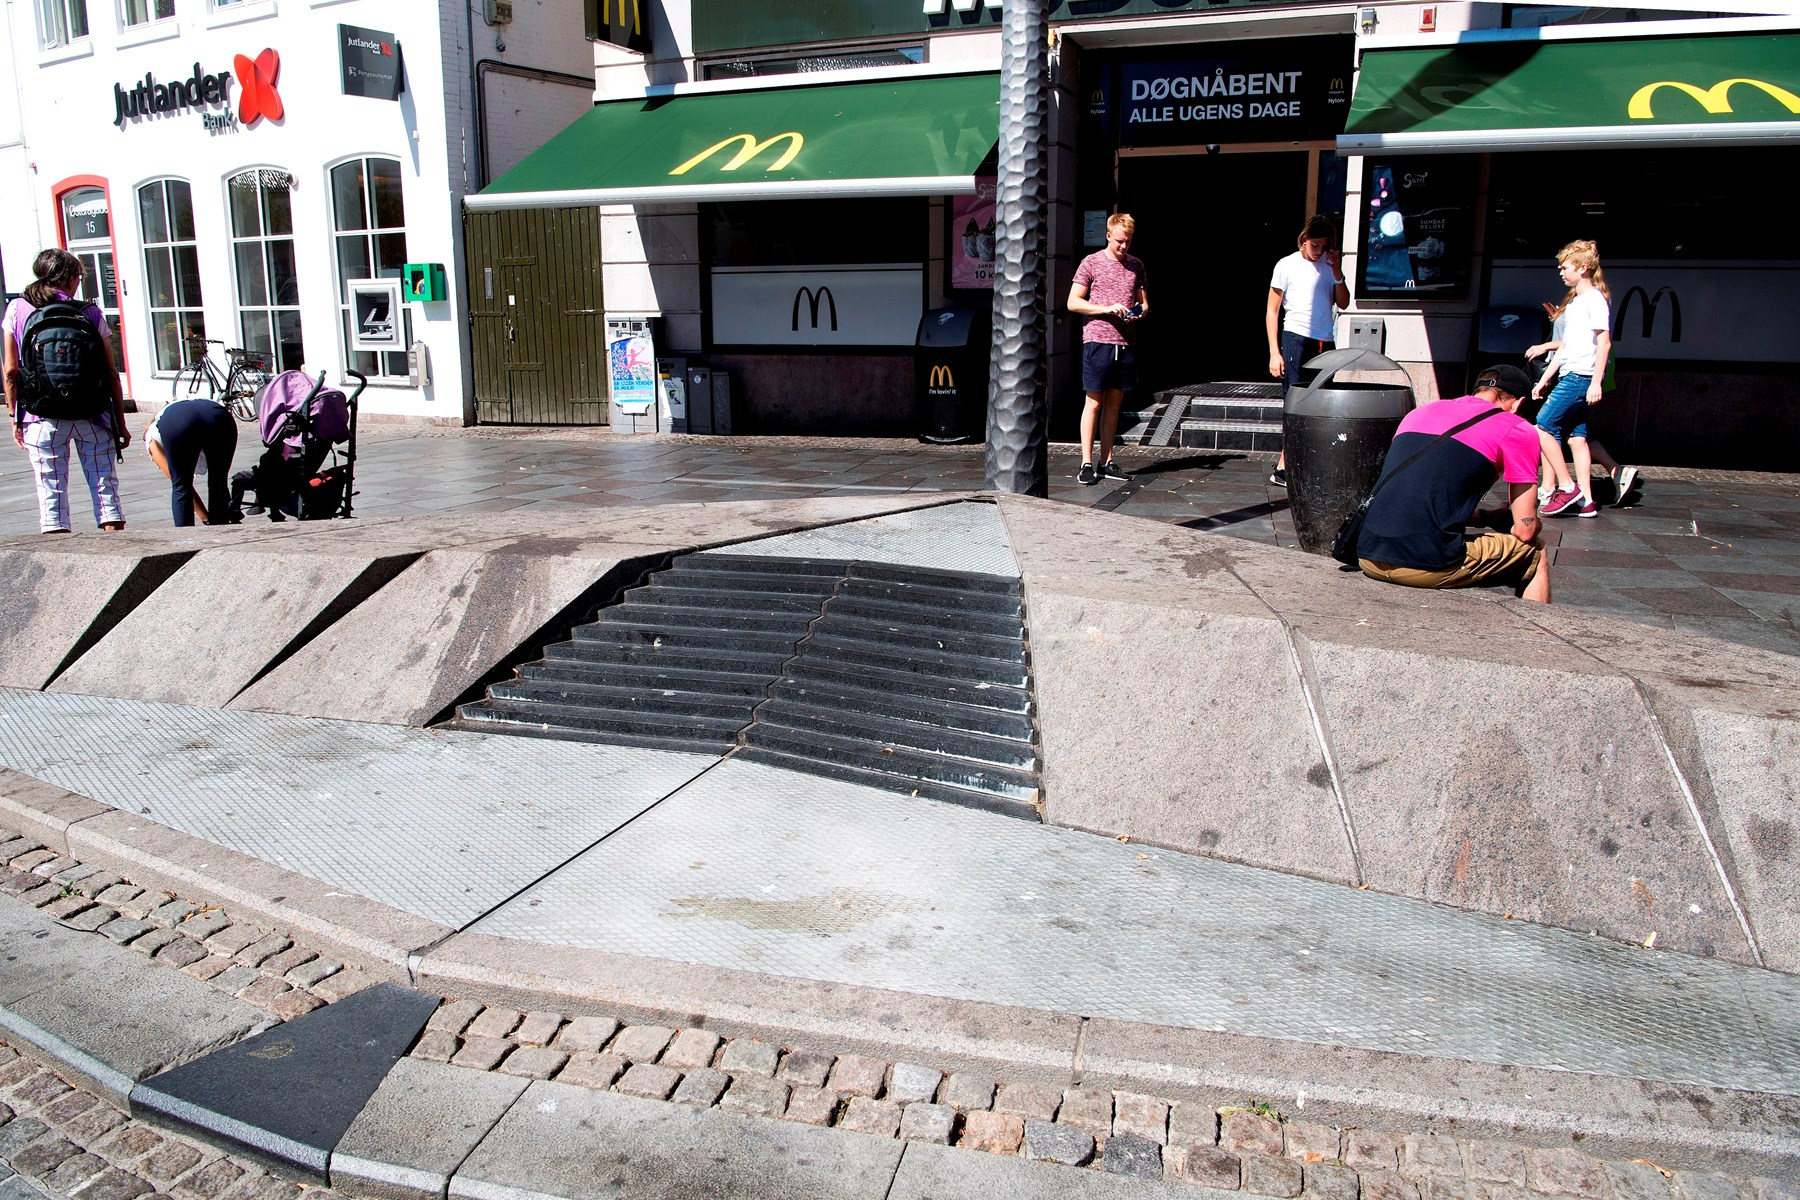 Springvandet her ved Nytorv blev brugt som skraldespand, og da det er for dyrt at rense jævnligt, er det indtil videre sat ud af drift. Foto: Laura Guldhammer